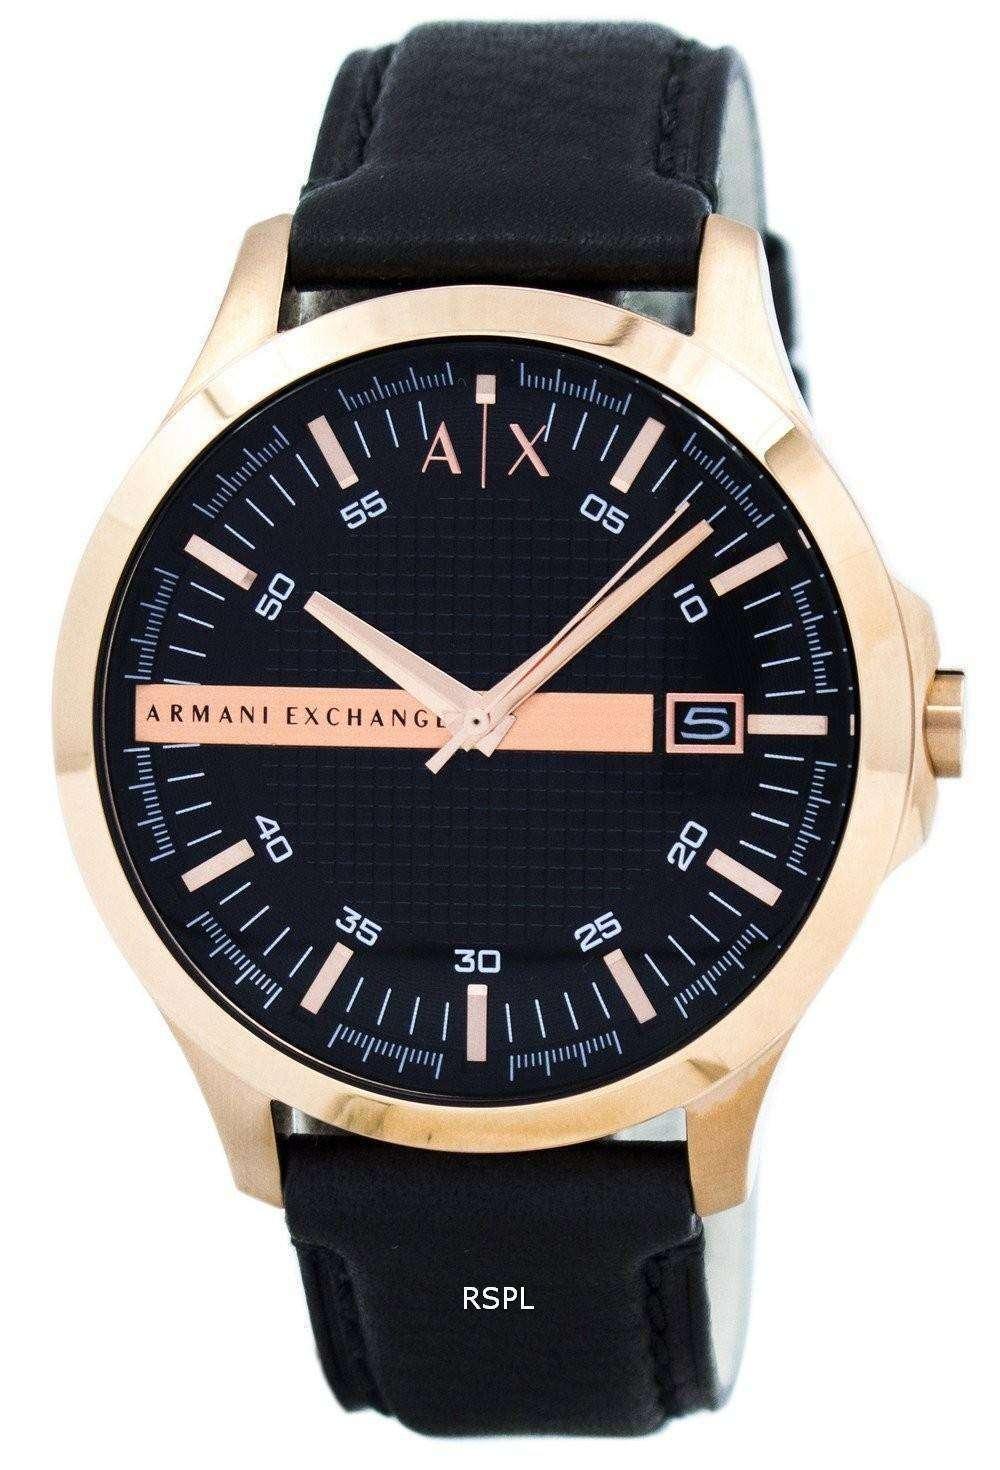 アルマーニエクス チェンジ ローズ ゴールド ブラック ダイヤル レザー ストラップ AX2129 メンズ腕時計